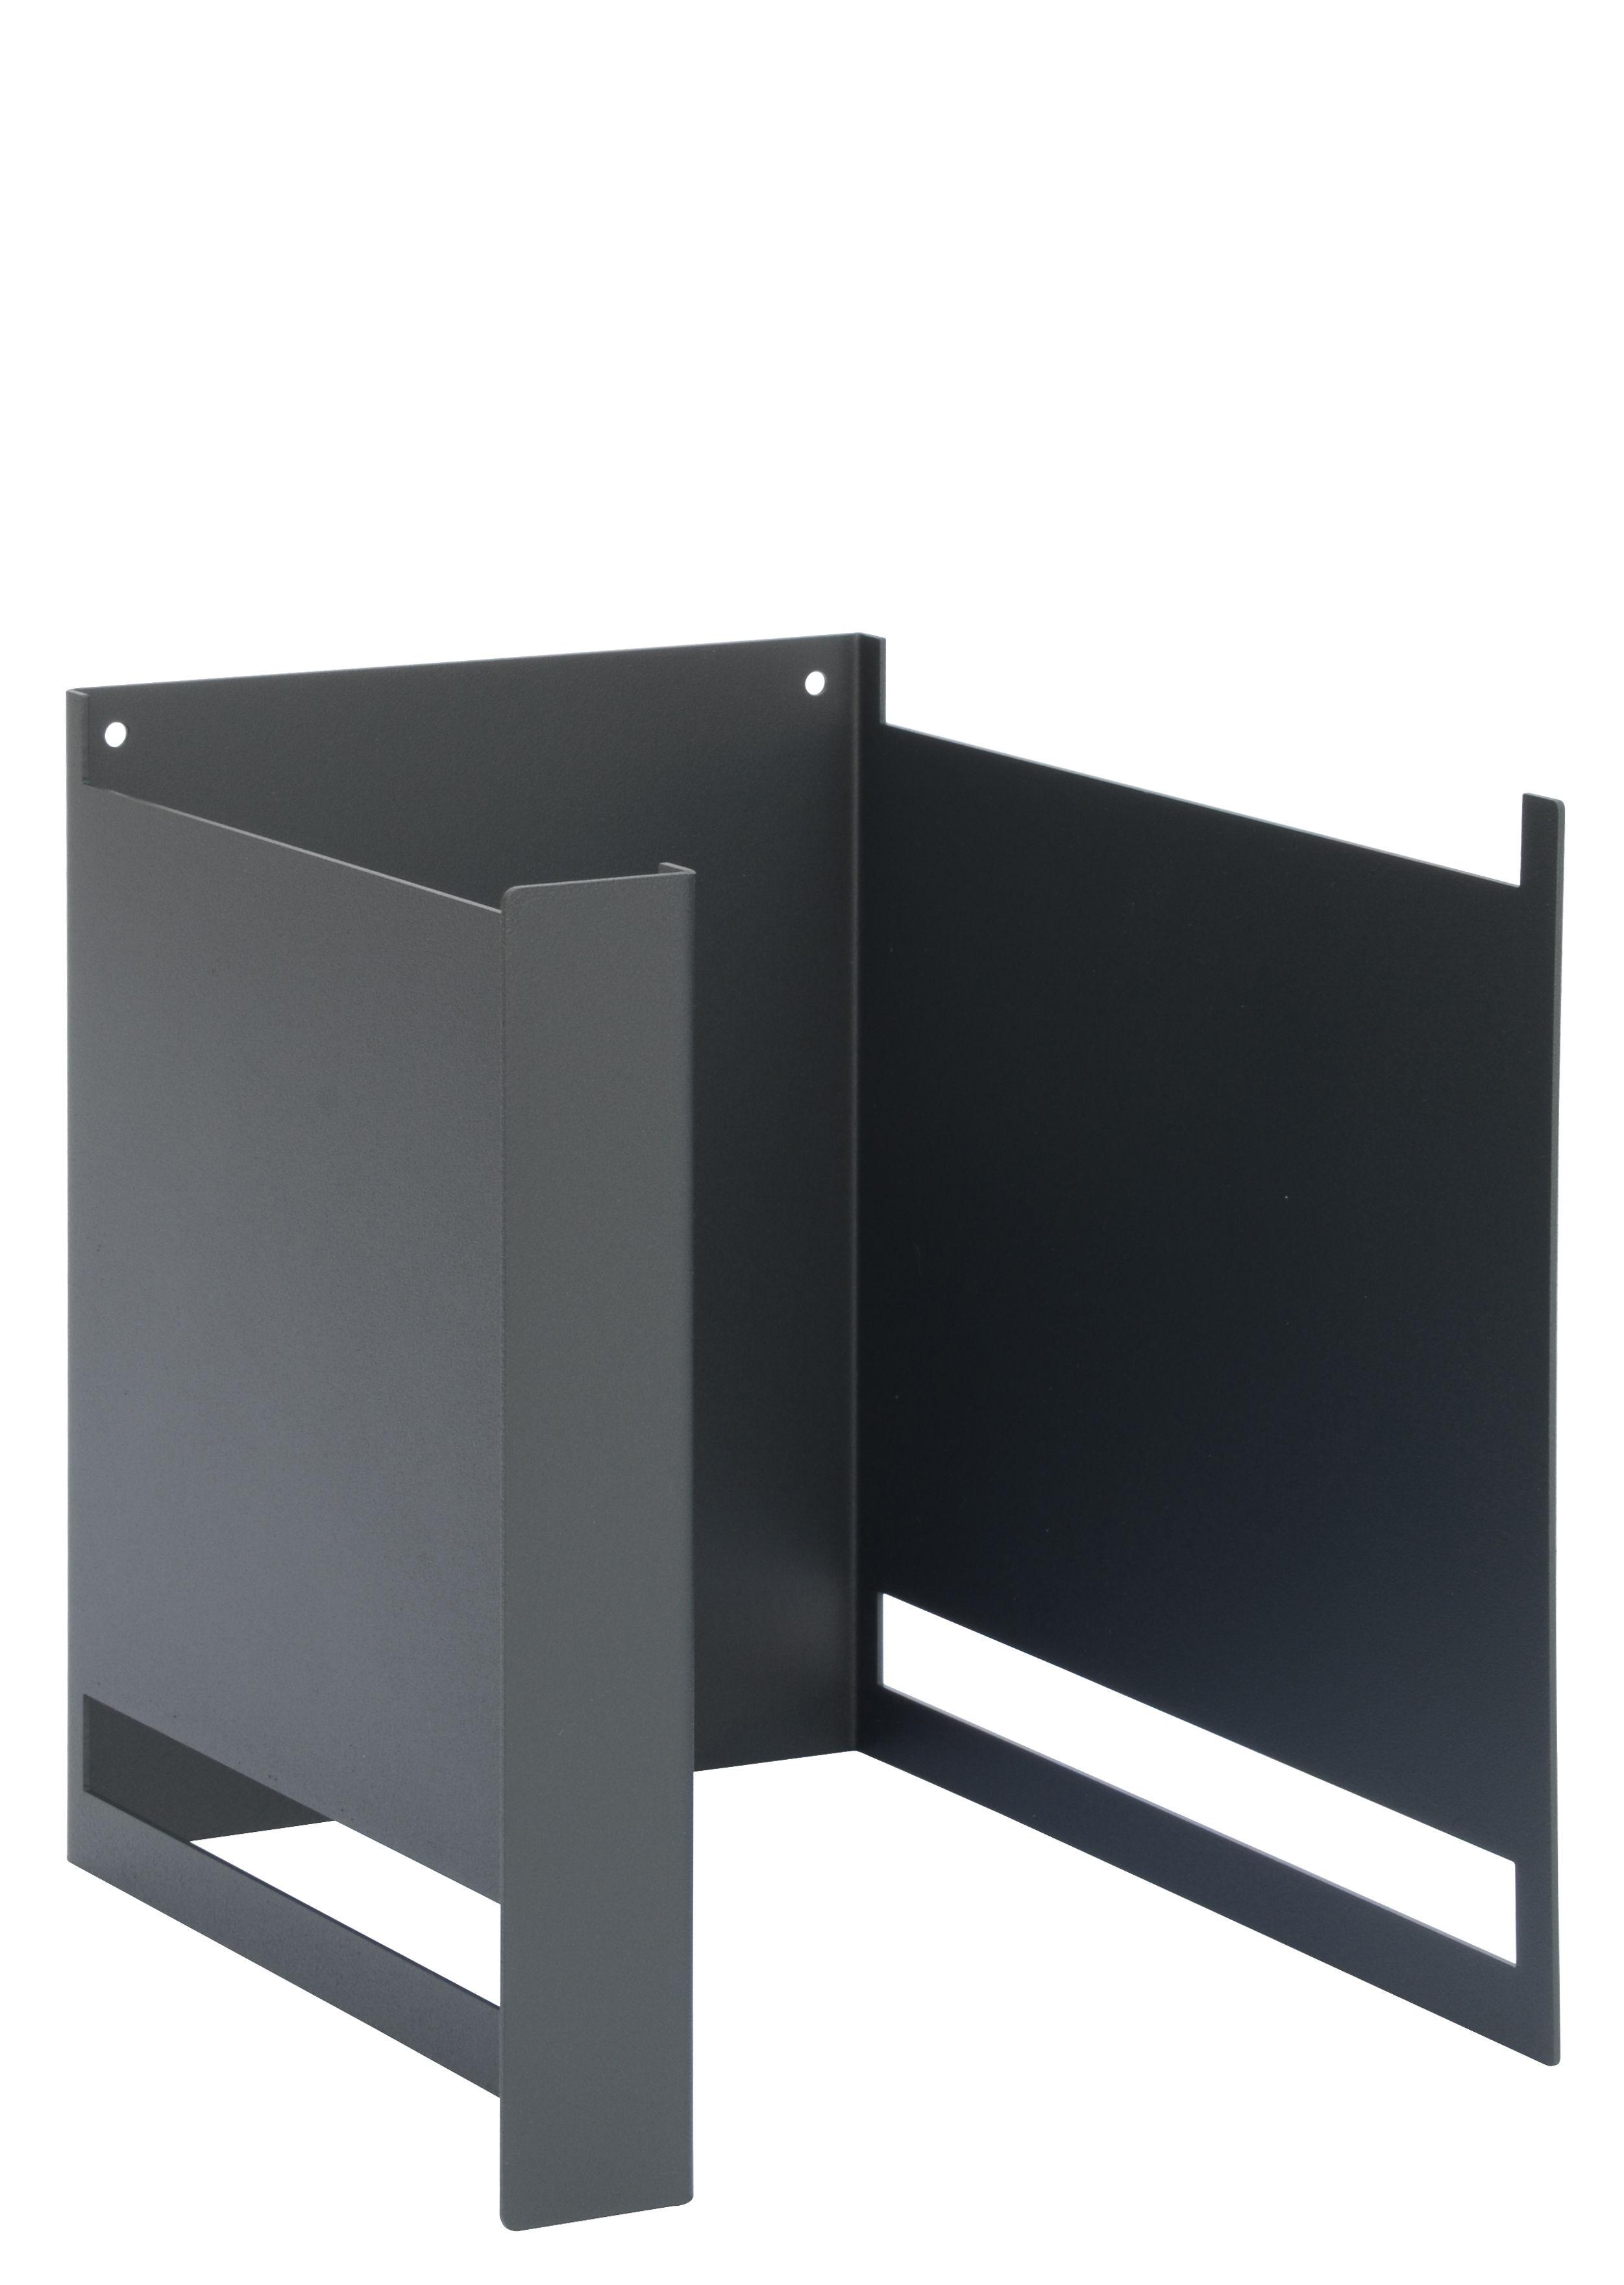 Plio Ba Caisson mural - Vertical module - H 24 cm Slate ...